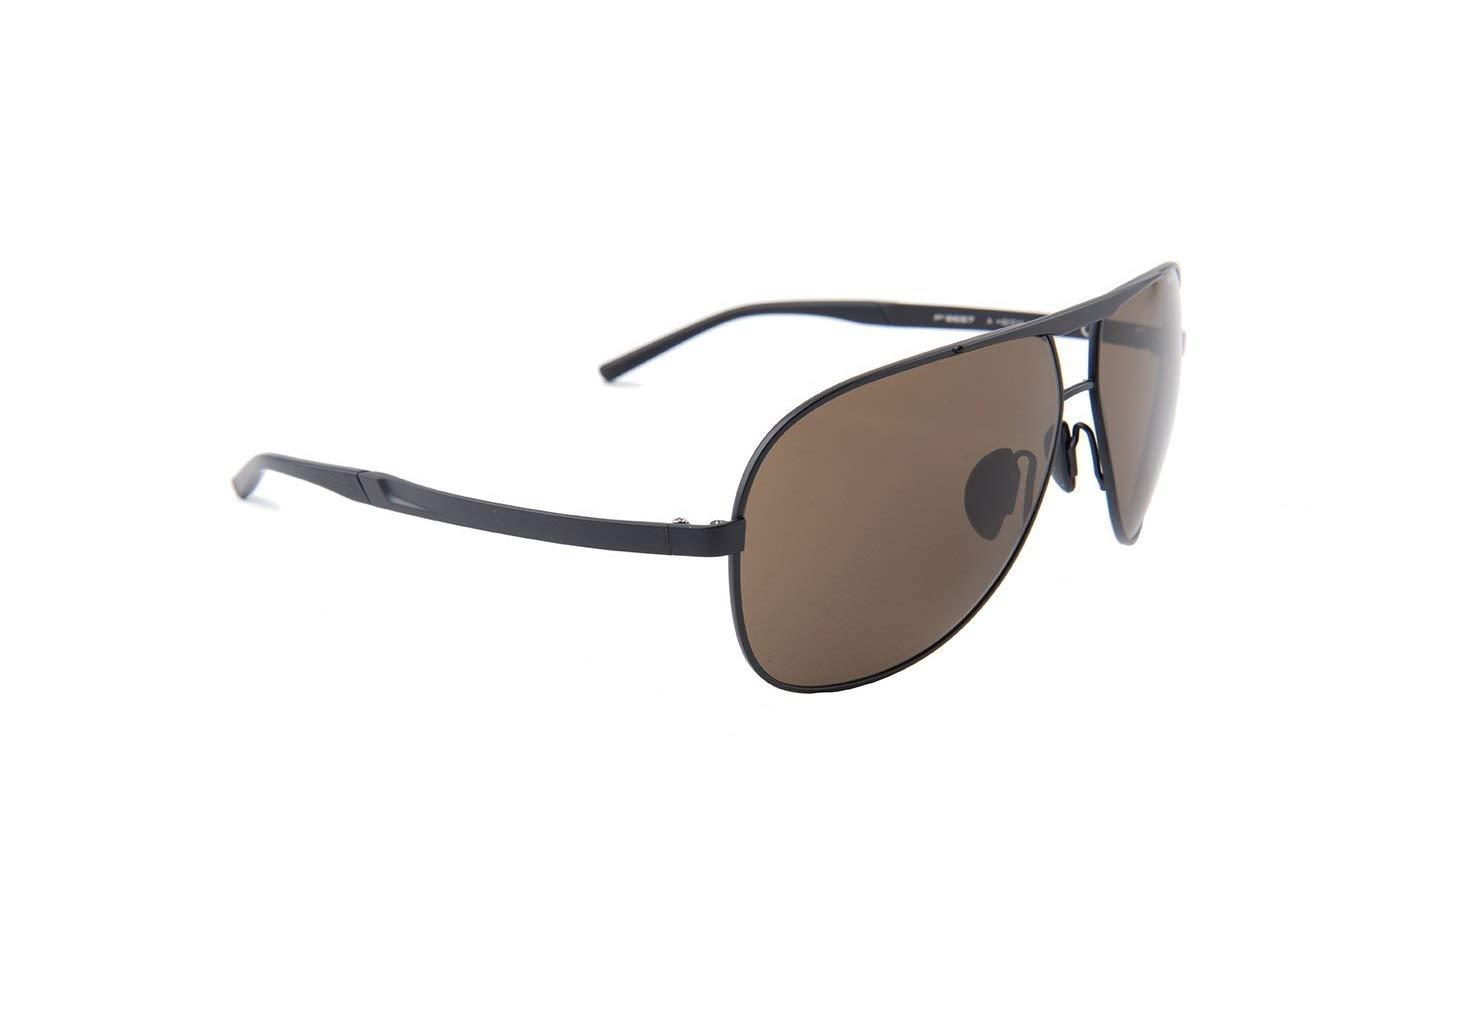 Porsche Design Titanium Sunglasses P8657 A Black 62-11 - Unisex by Porsche Design